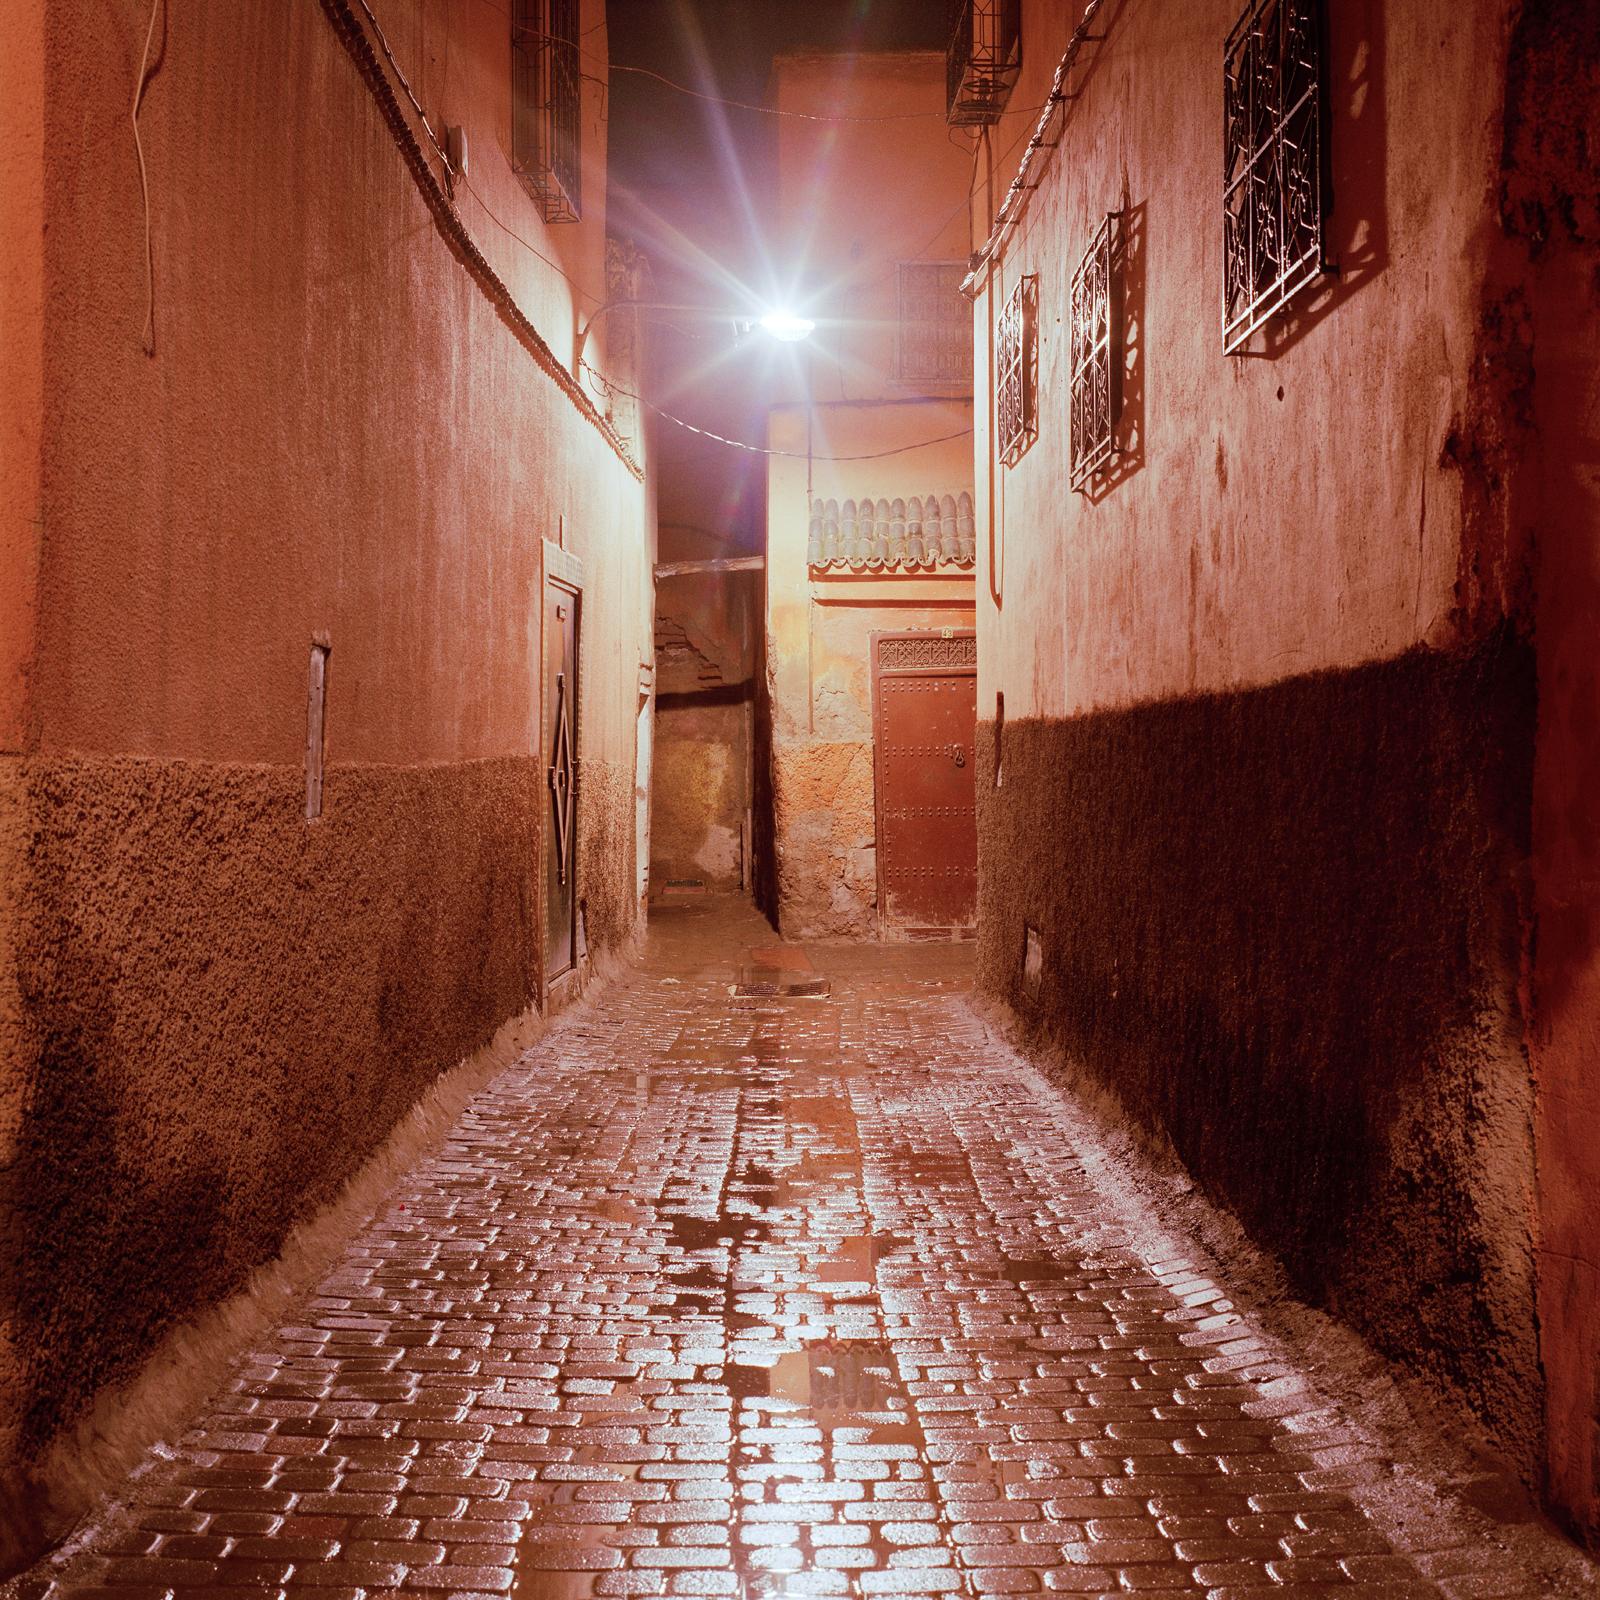 Medina_Marrakech_Medina_Nov_2011_00001.jpg